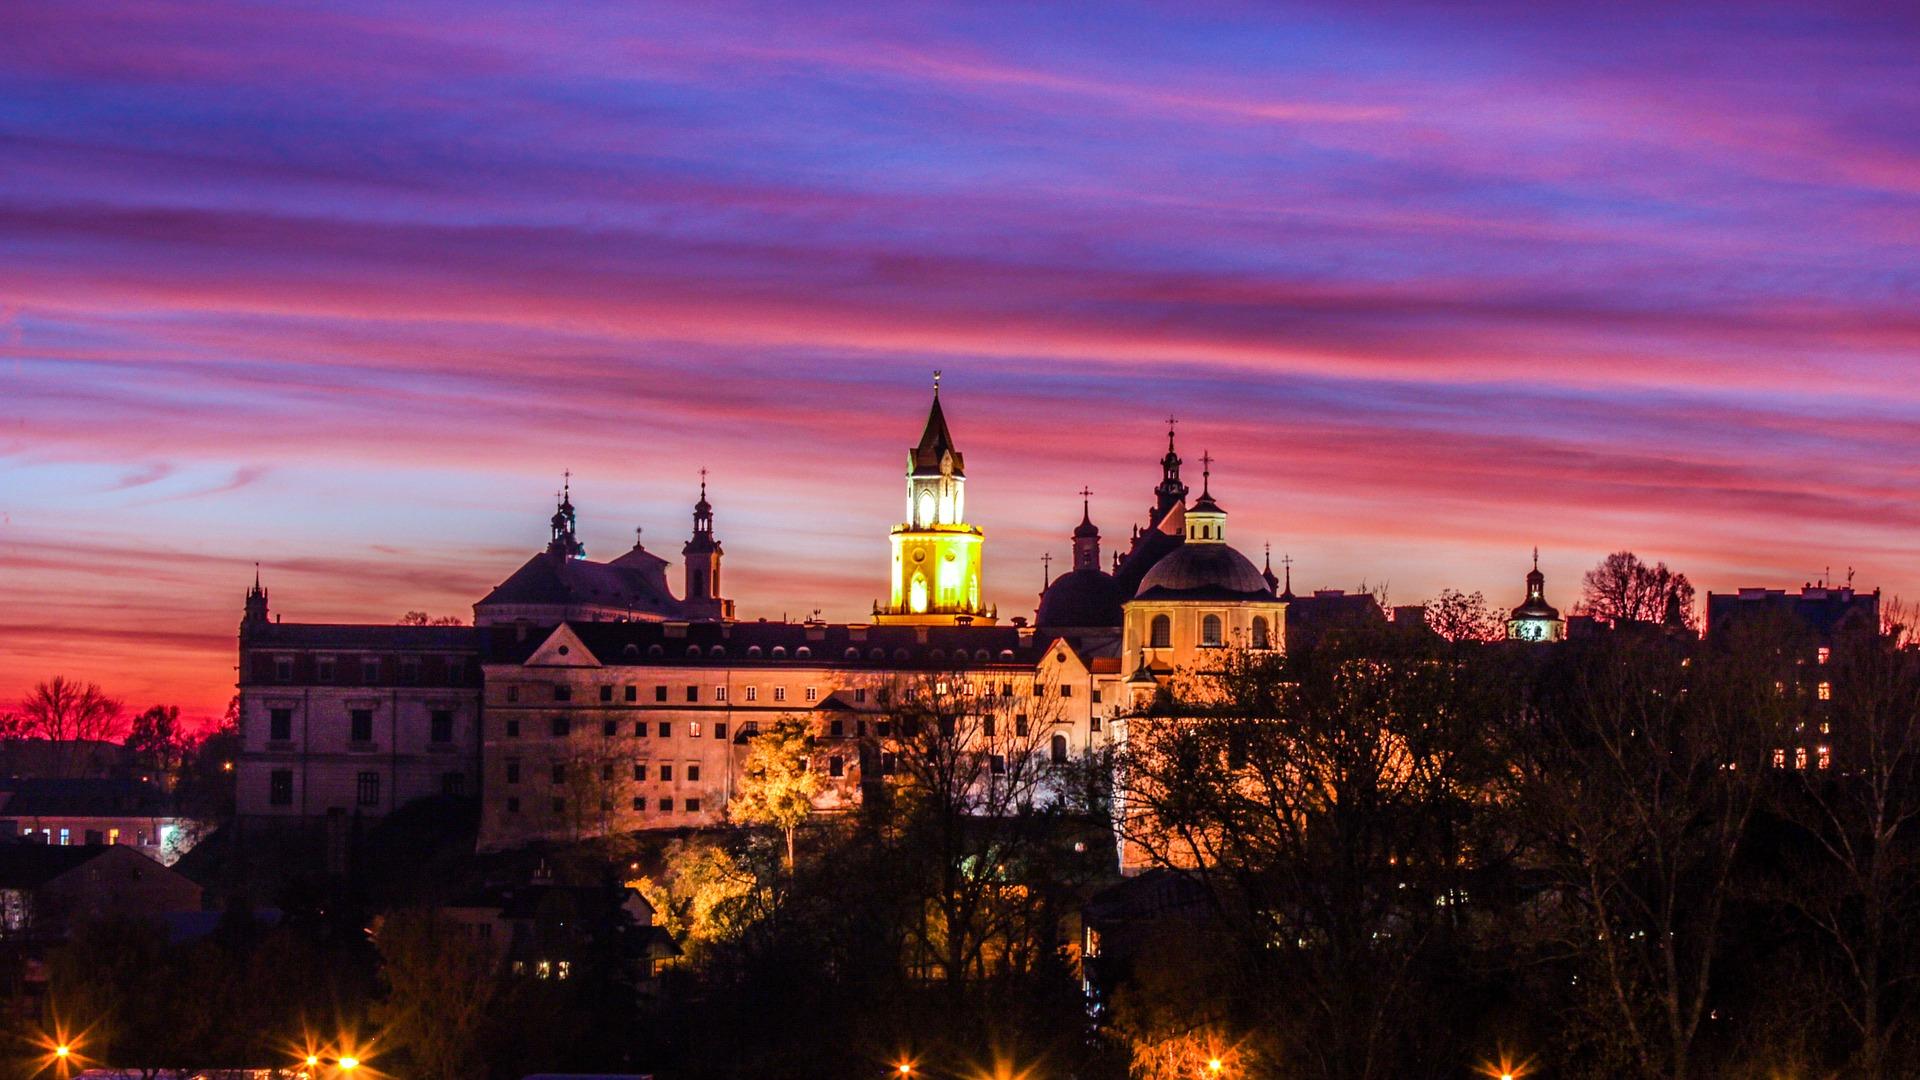 Jak mówi Szubert, Polska zawdzięcza wzrost gospodarczy w dużej mierze przedsiębiorstwom realizującym łatwo automatyzowalne prace. (fot. Lublin, pixabay.com)